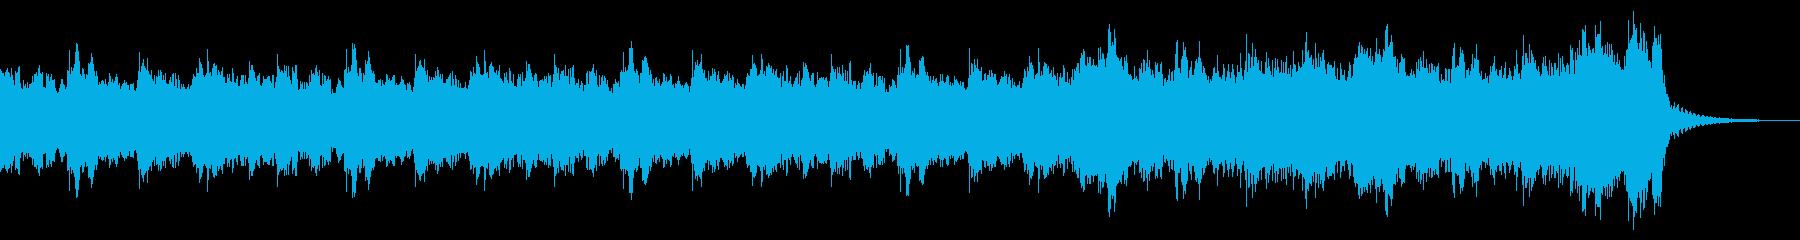 ハリウッド映画風の壮大なBGMの再生済みの波形